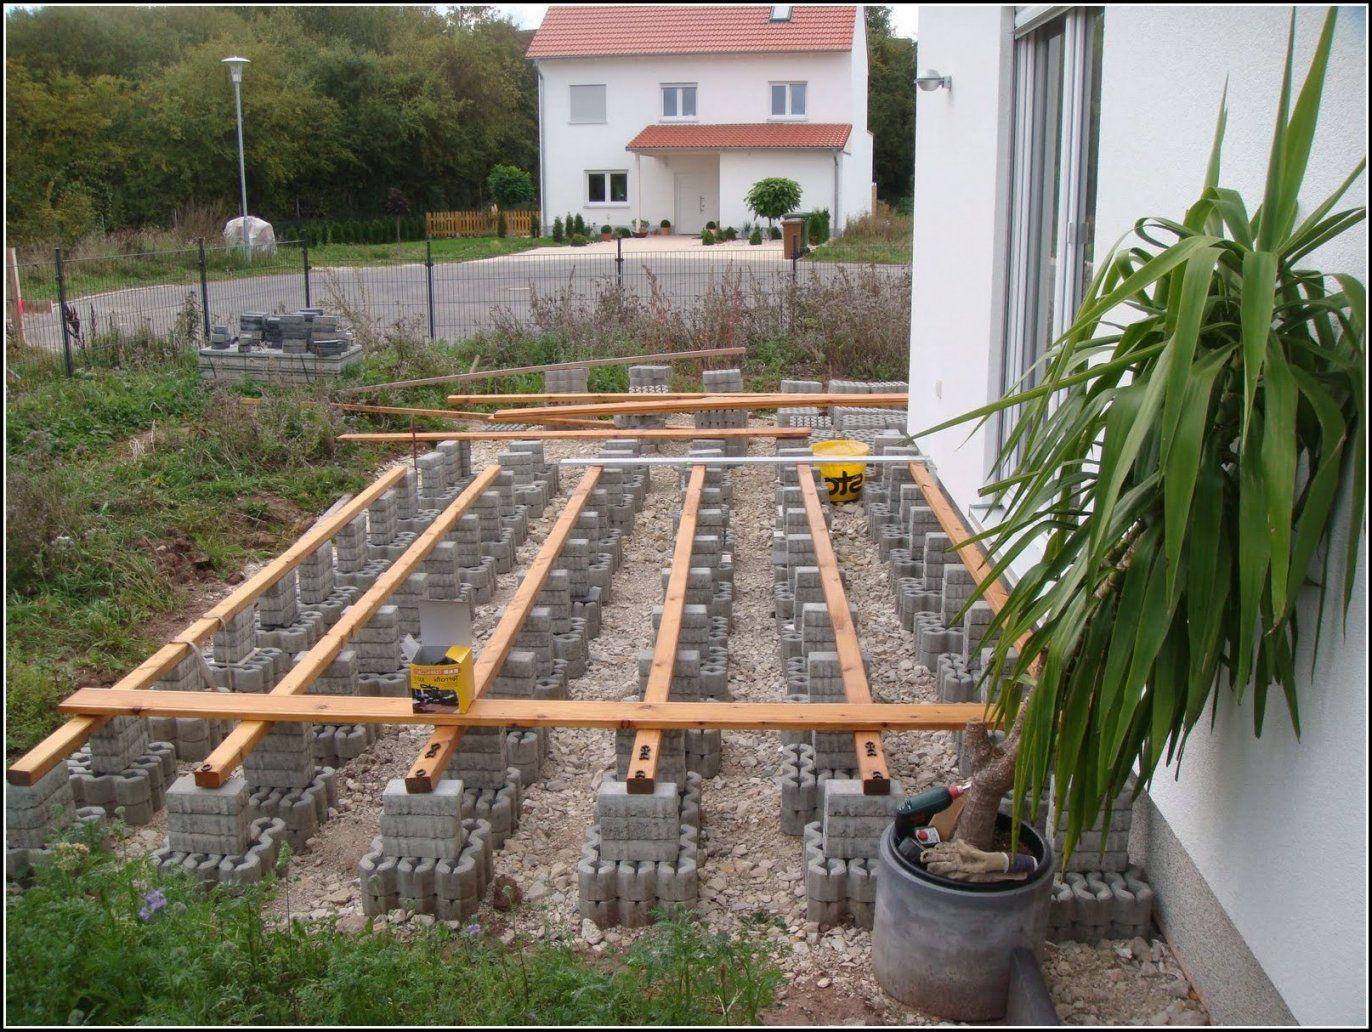 gallery of garten terrasse selber bauen terrasse selber gestalten von garten am hang selbst. Black Bedroom Furniture Sets. Home Design Ideas